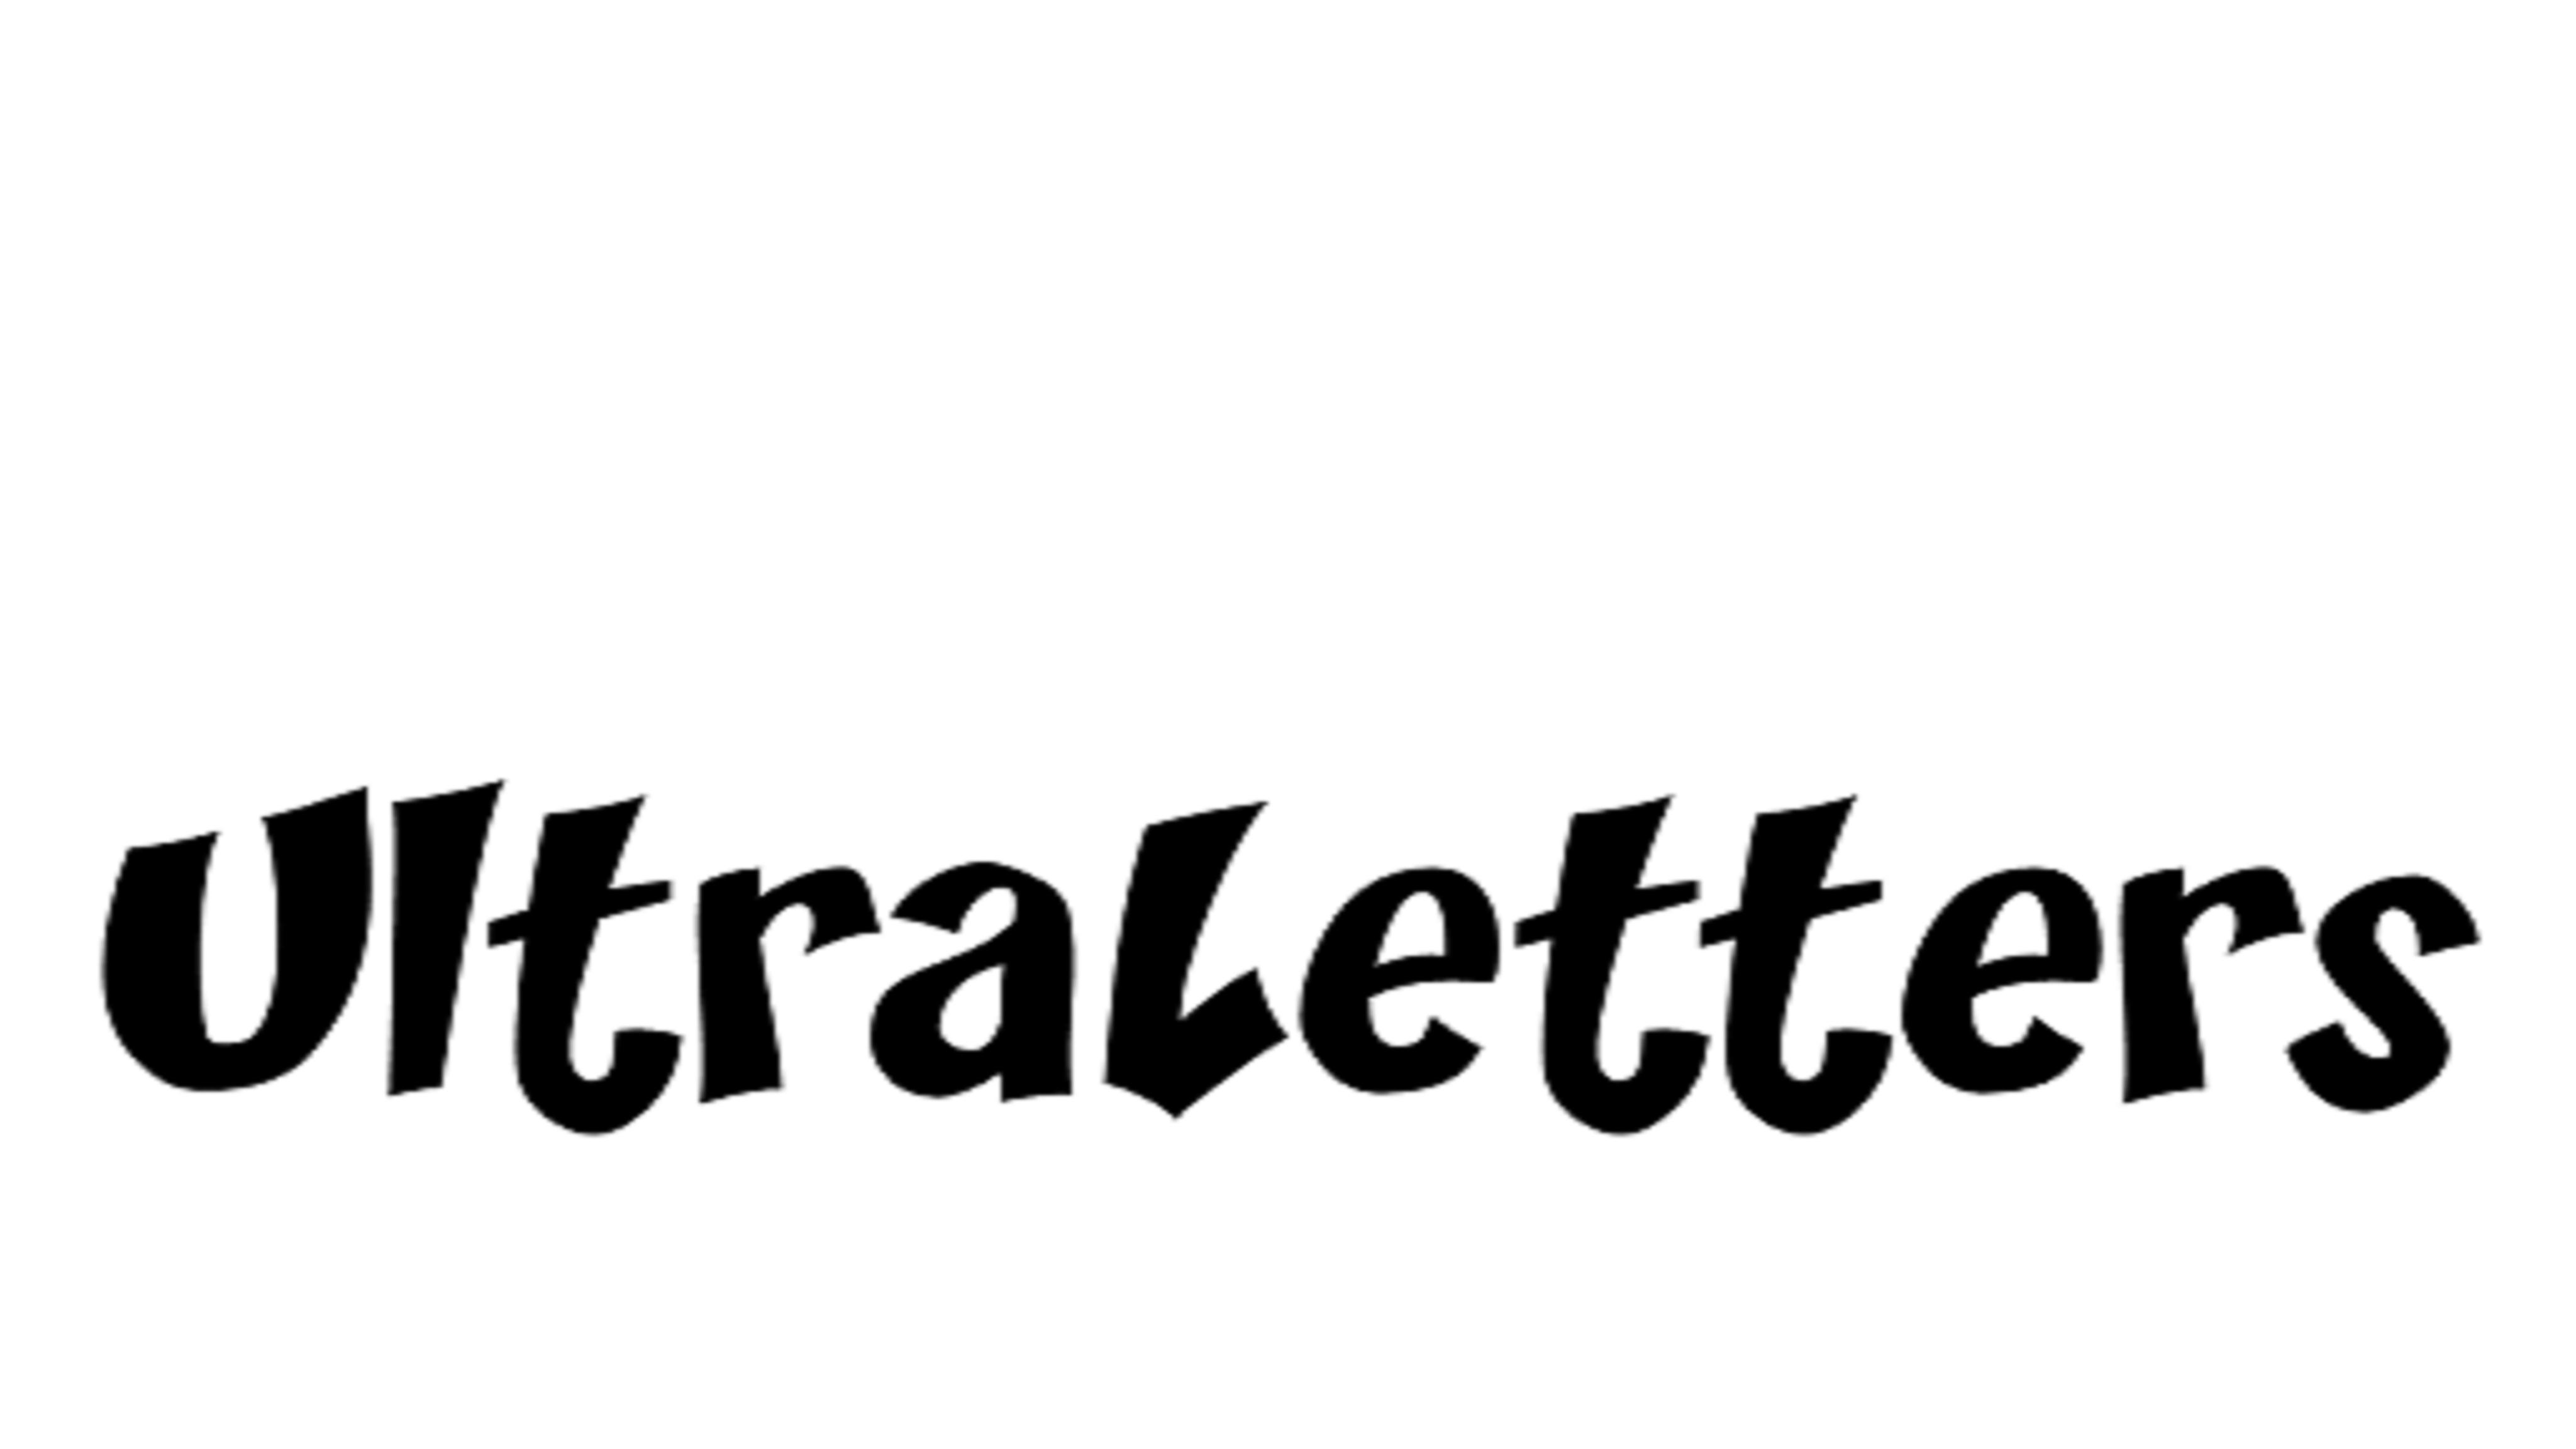 UltraLetters